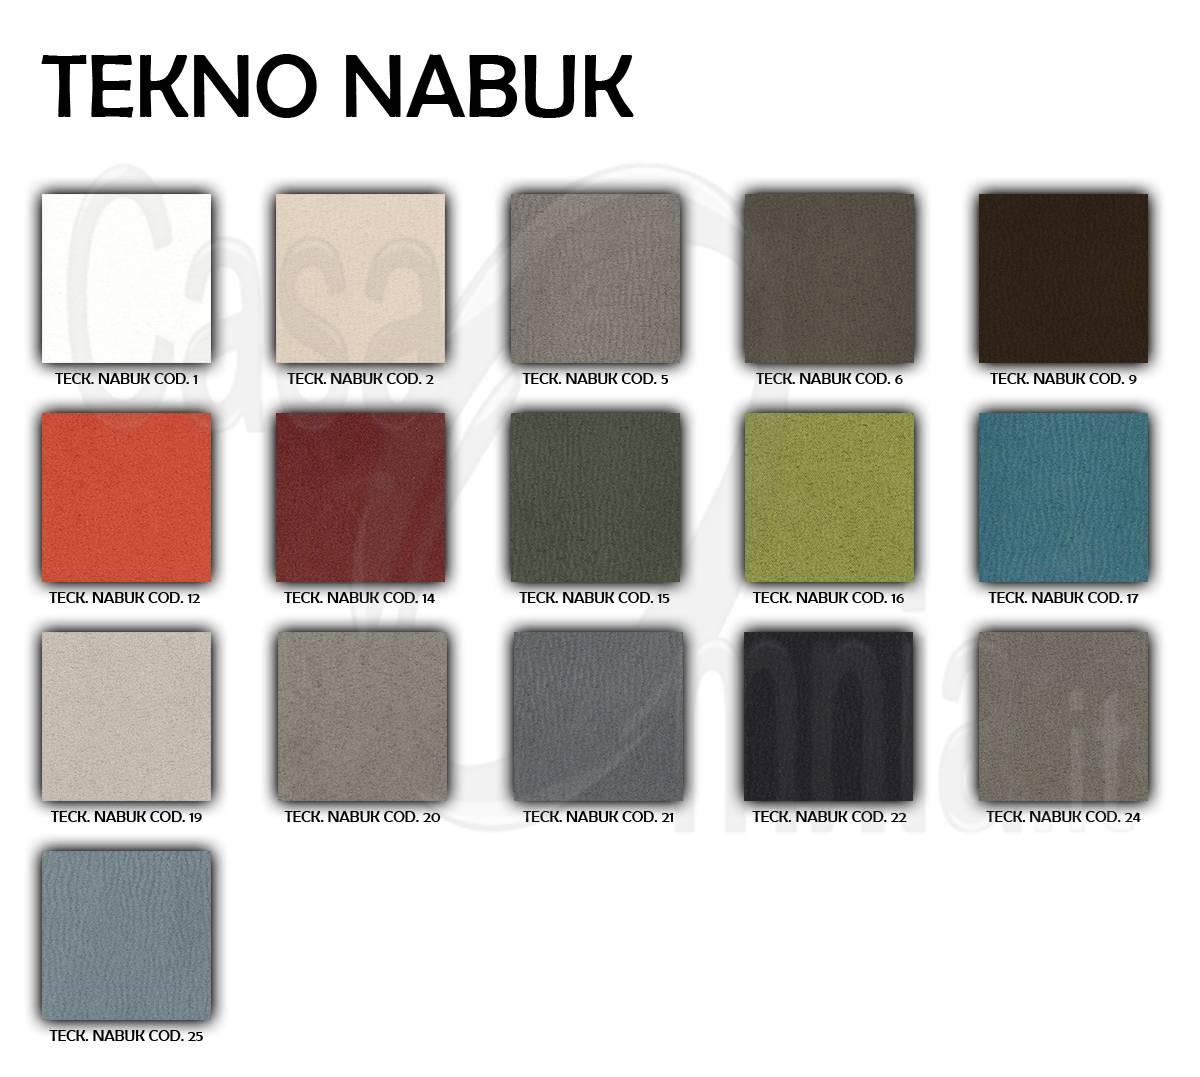 tabella-colori-teknonabuc-max-home